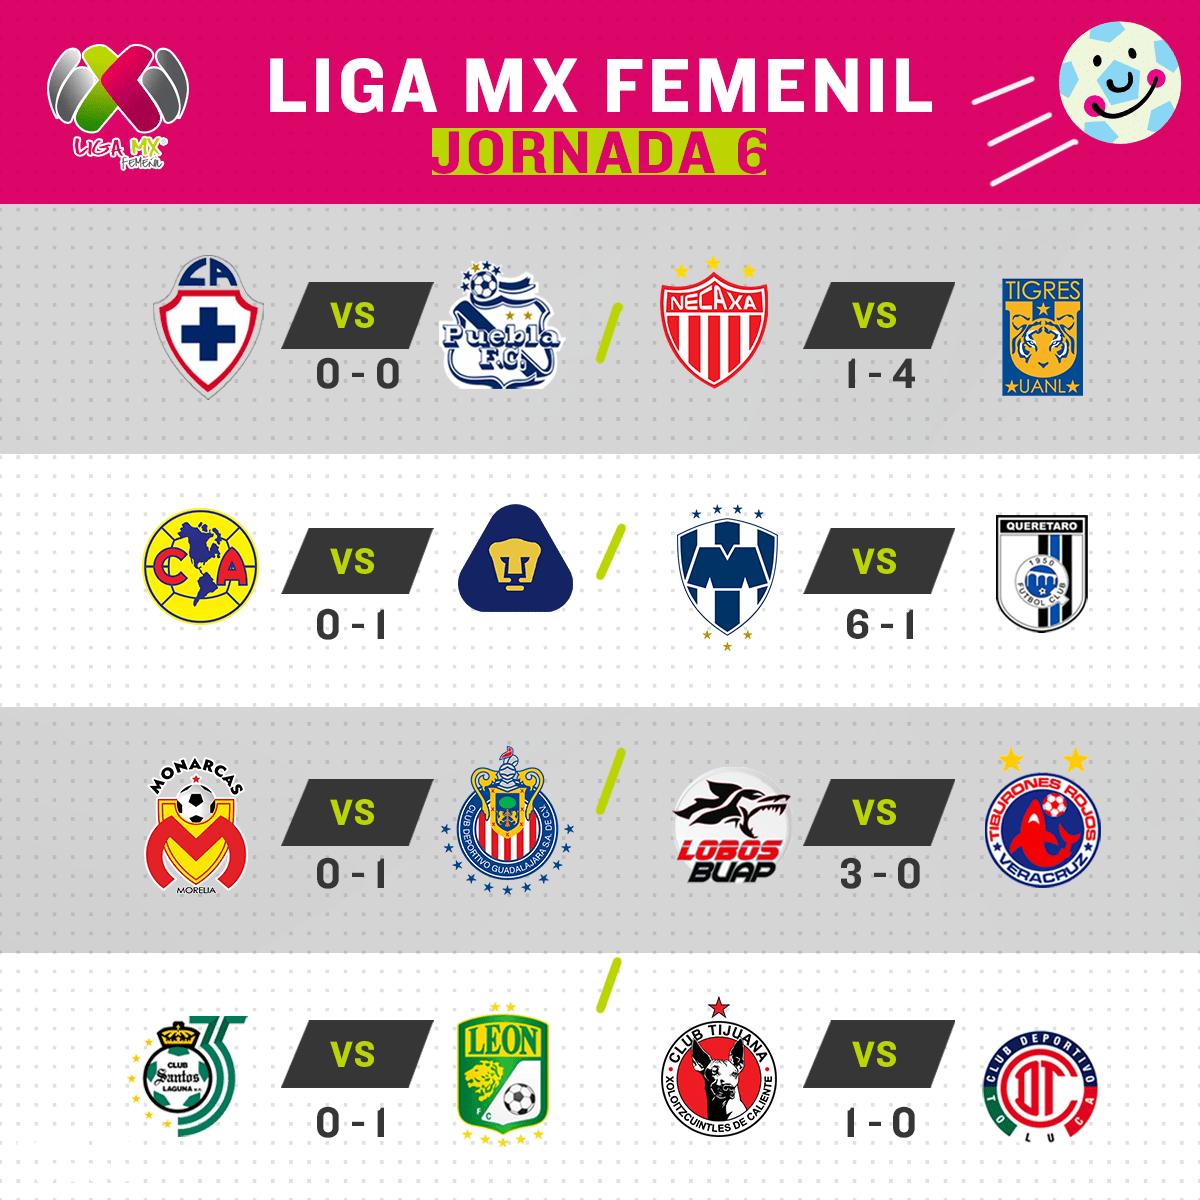 Descartan desaparición de la Liga femenil MX